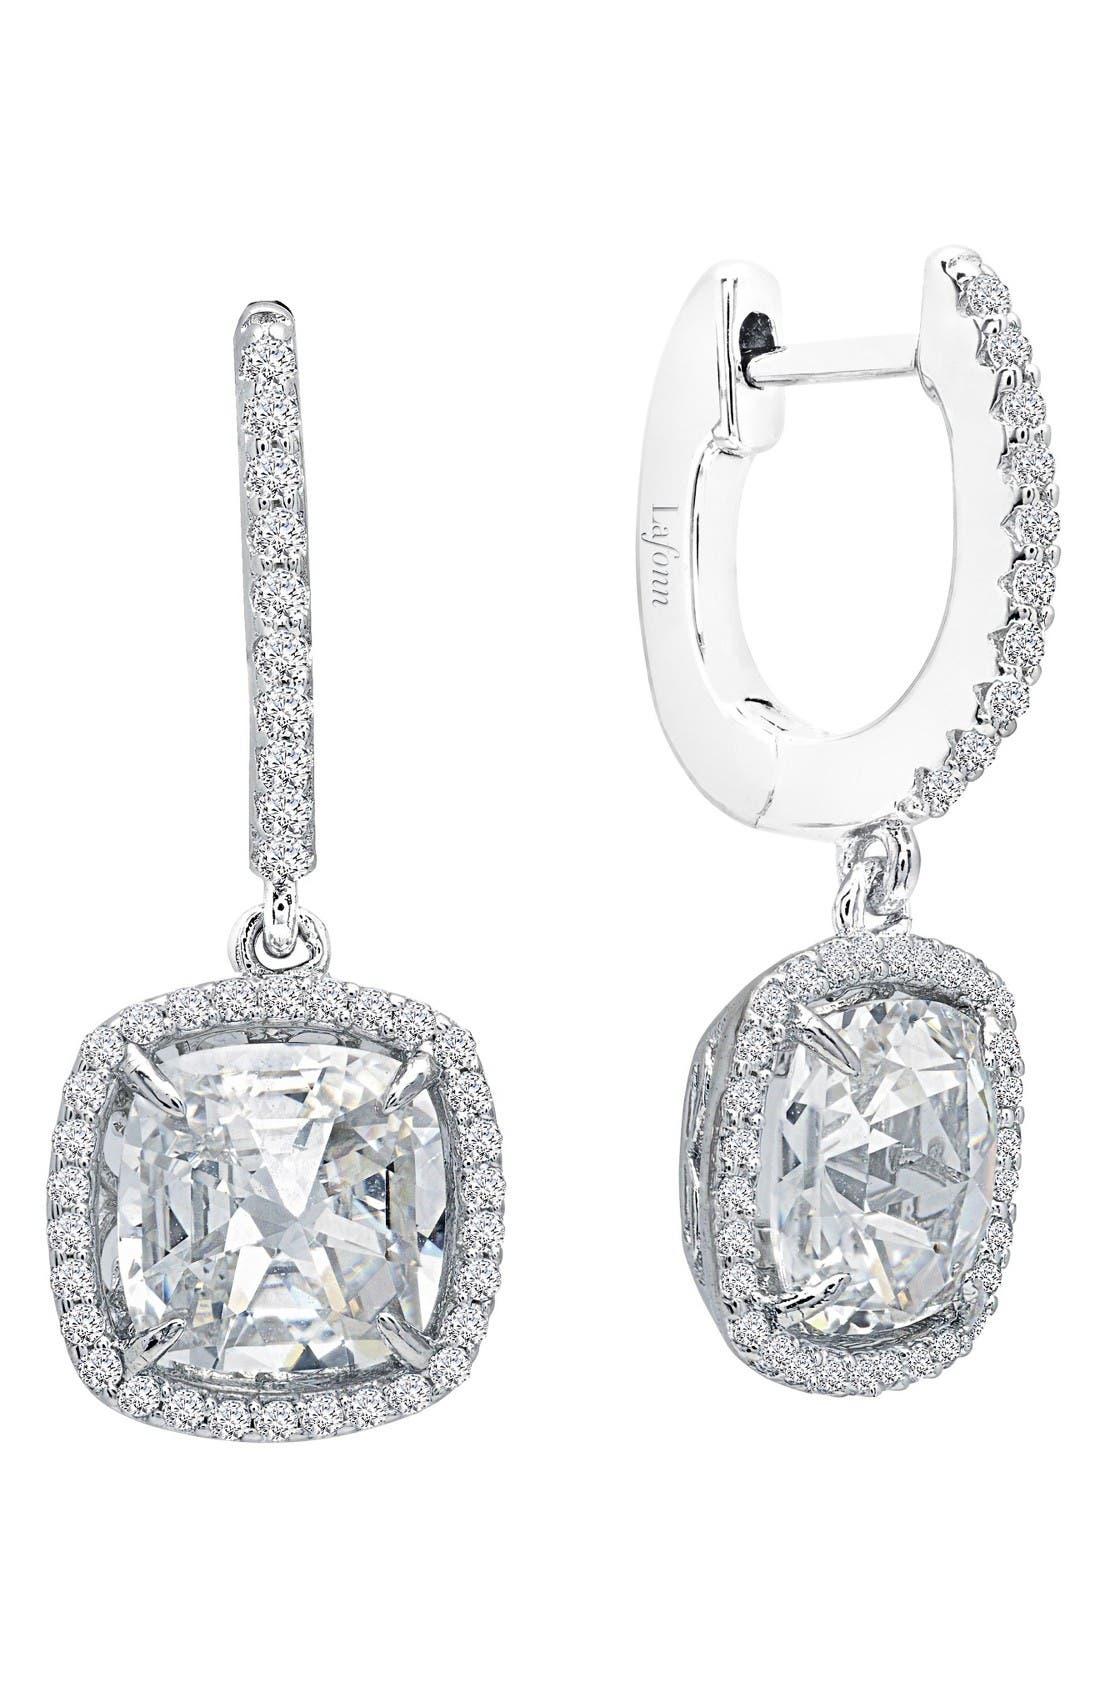 Rose Cut Simulated Diamond Drop Earrings,                             Main thumbnail 1, color,                             Silver